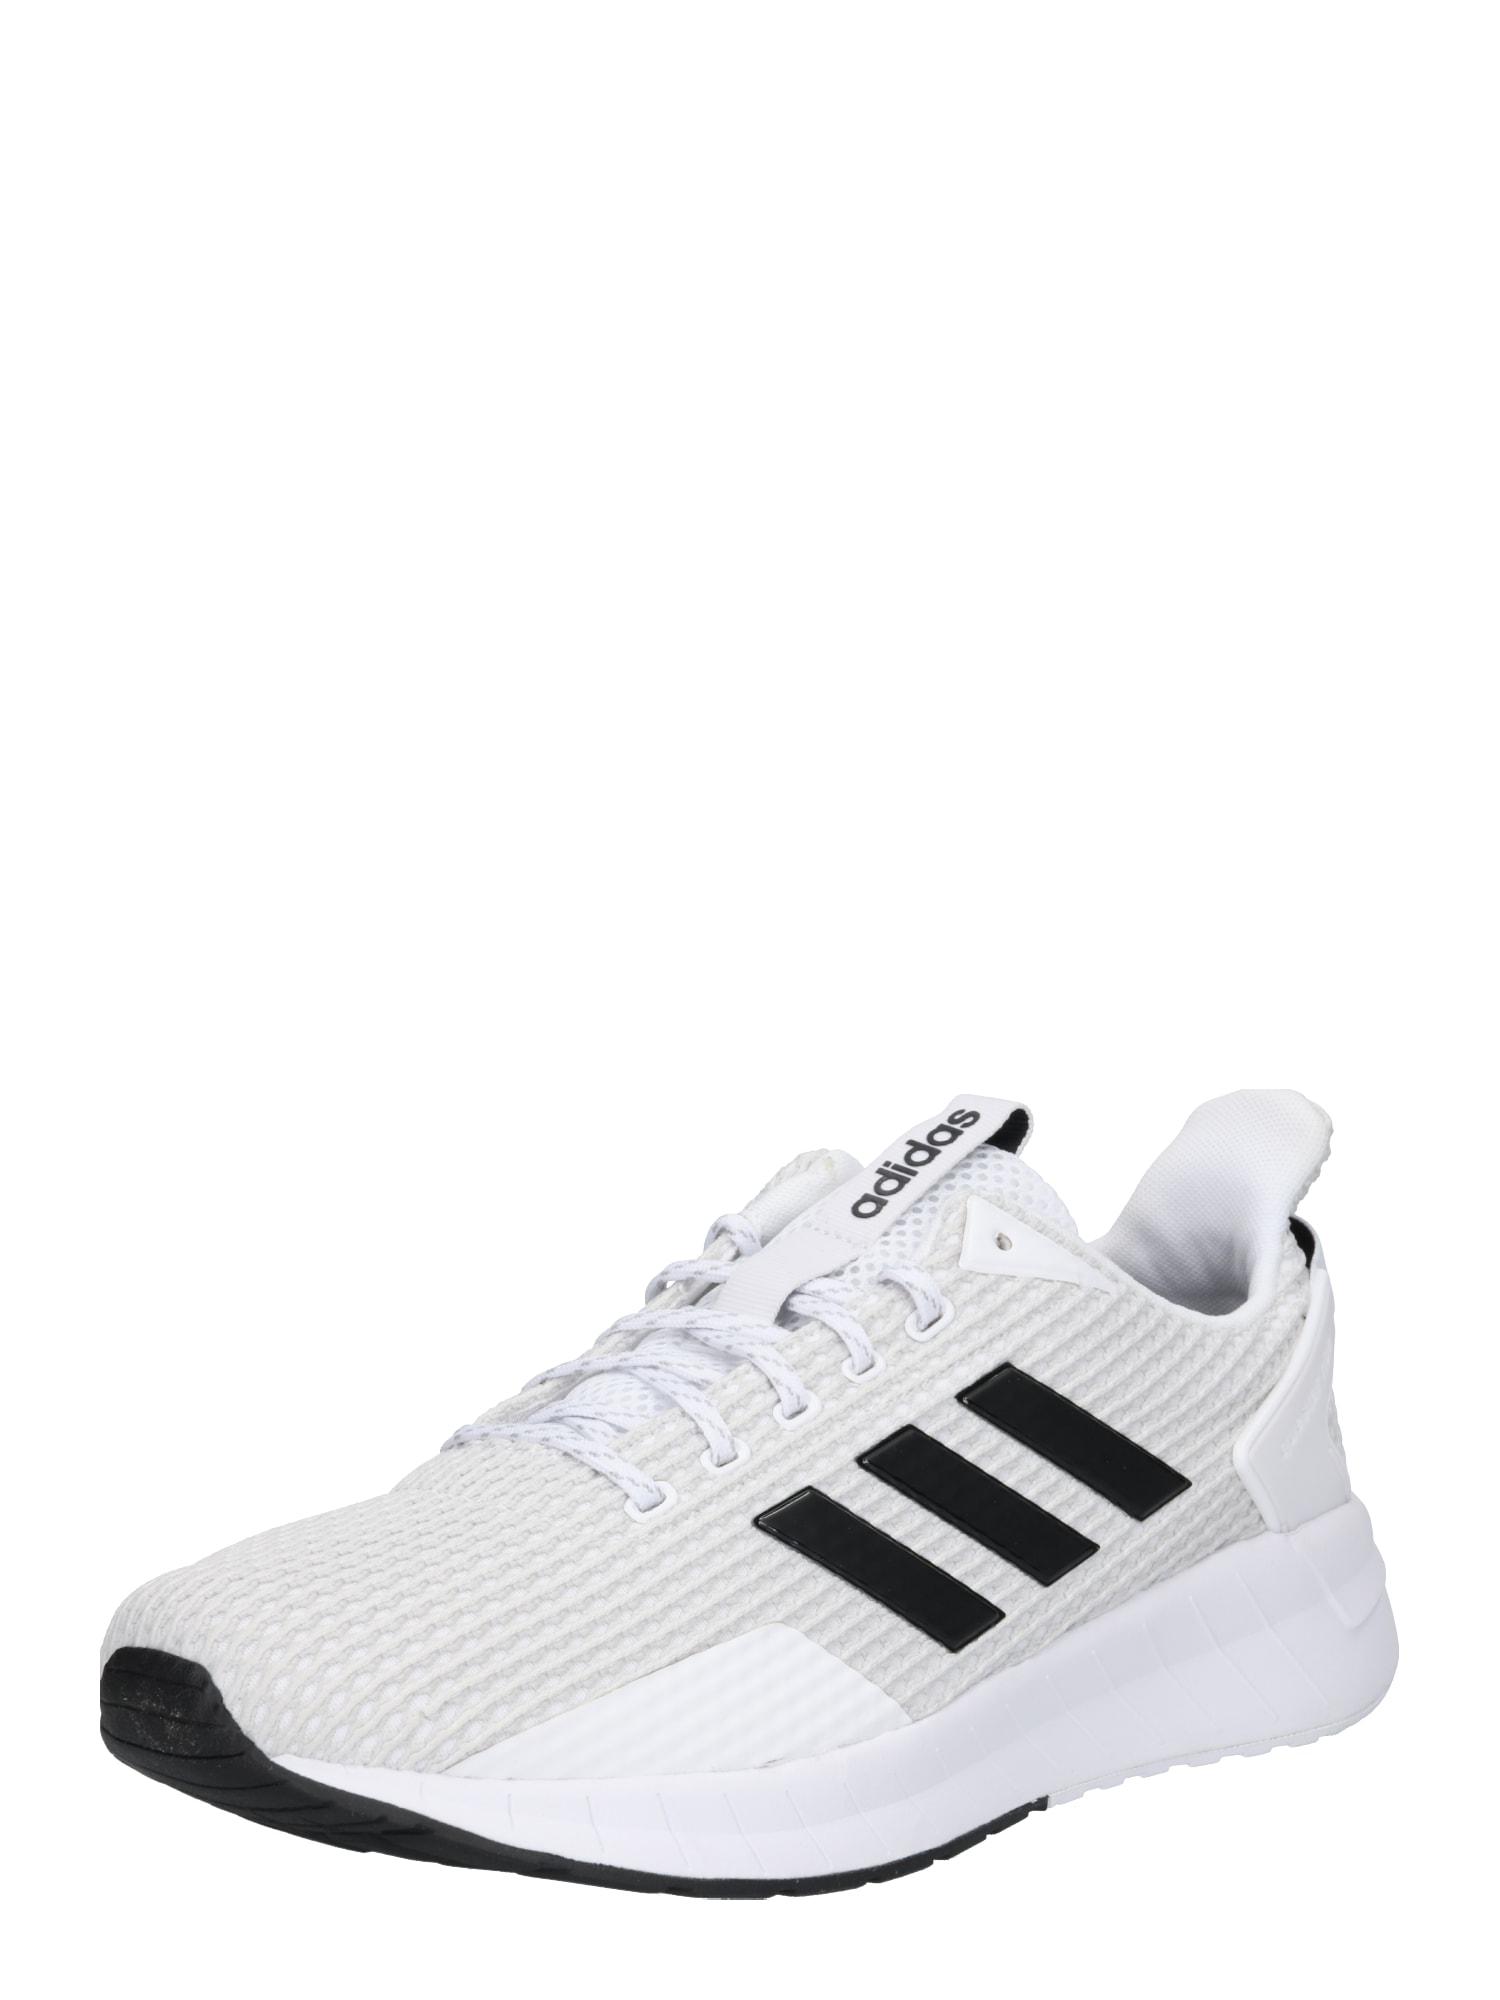 Běžecká obuv Questar Ride černá bílá ADIDAS PERFORMANCE